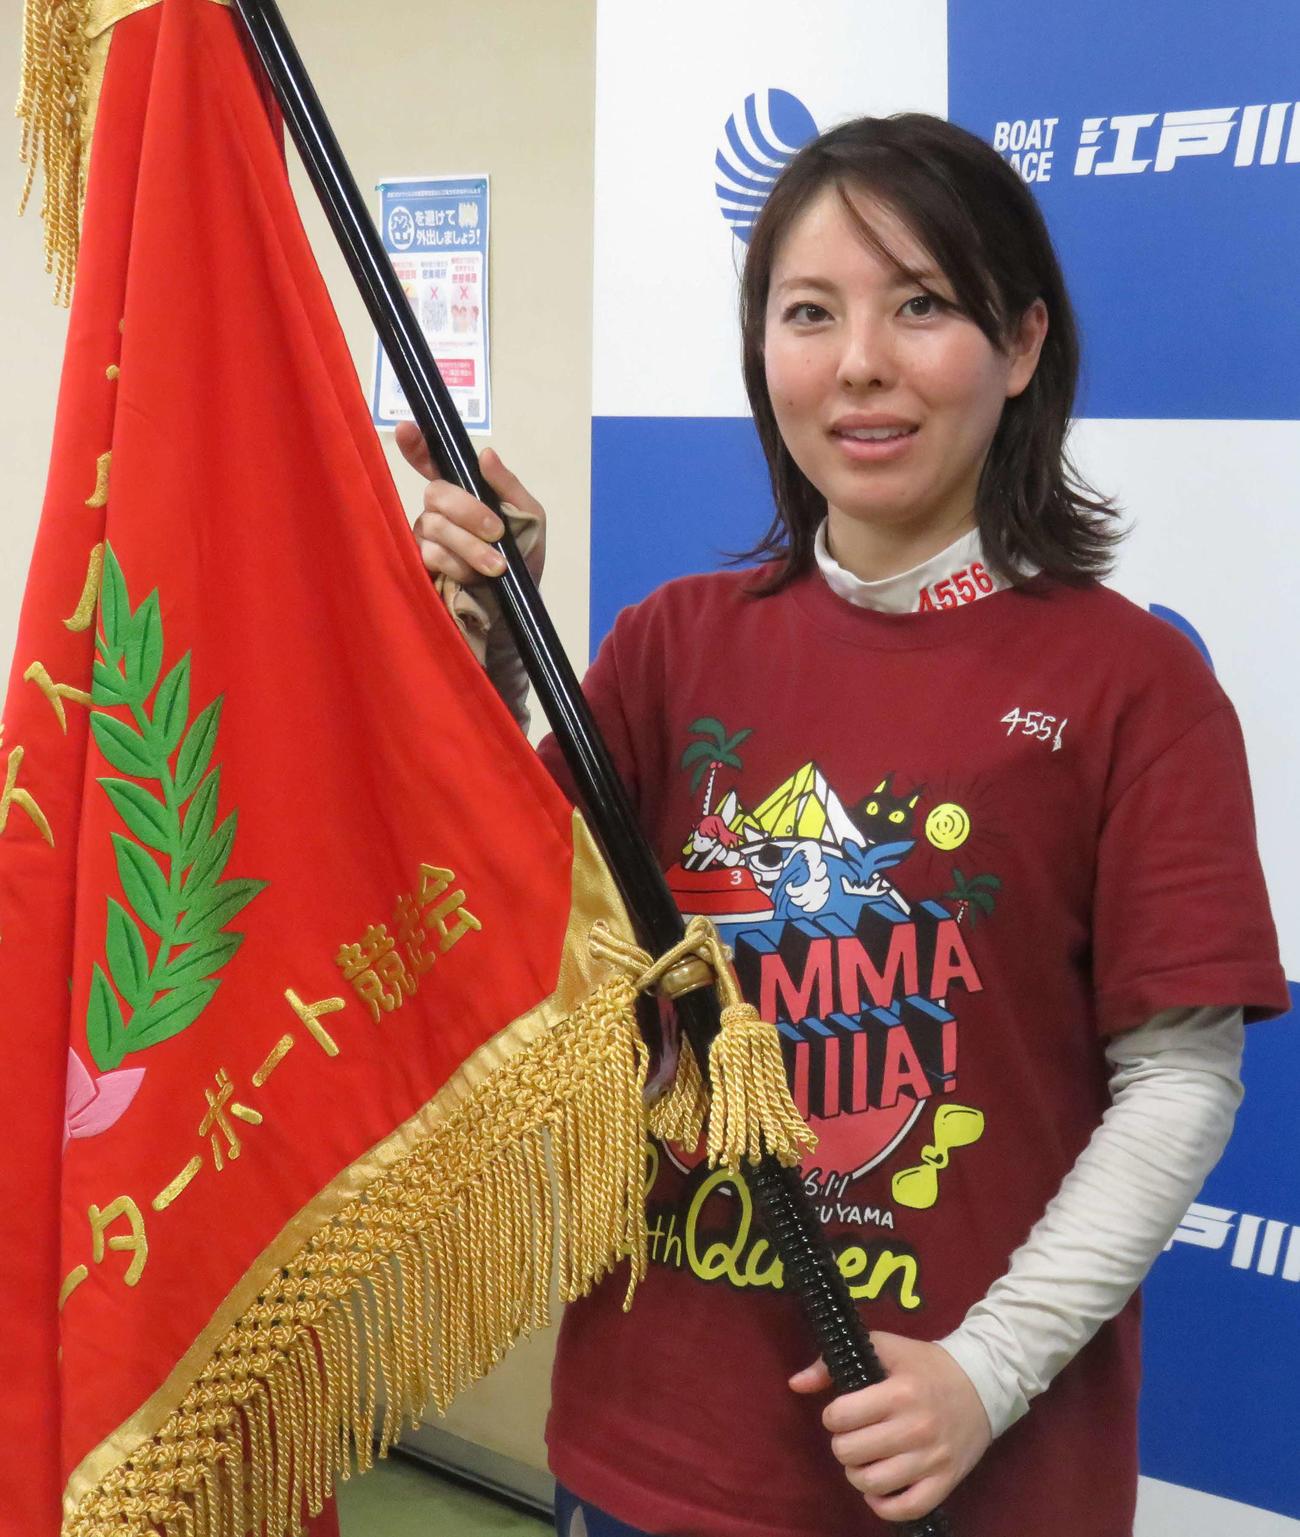 竹井奈美が優勝旗を手に笑顔を見せる